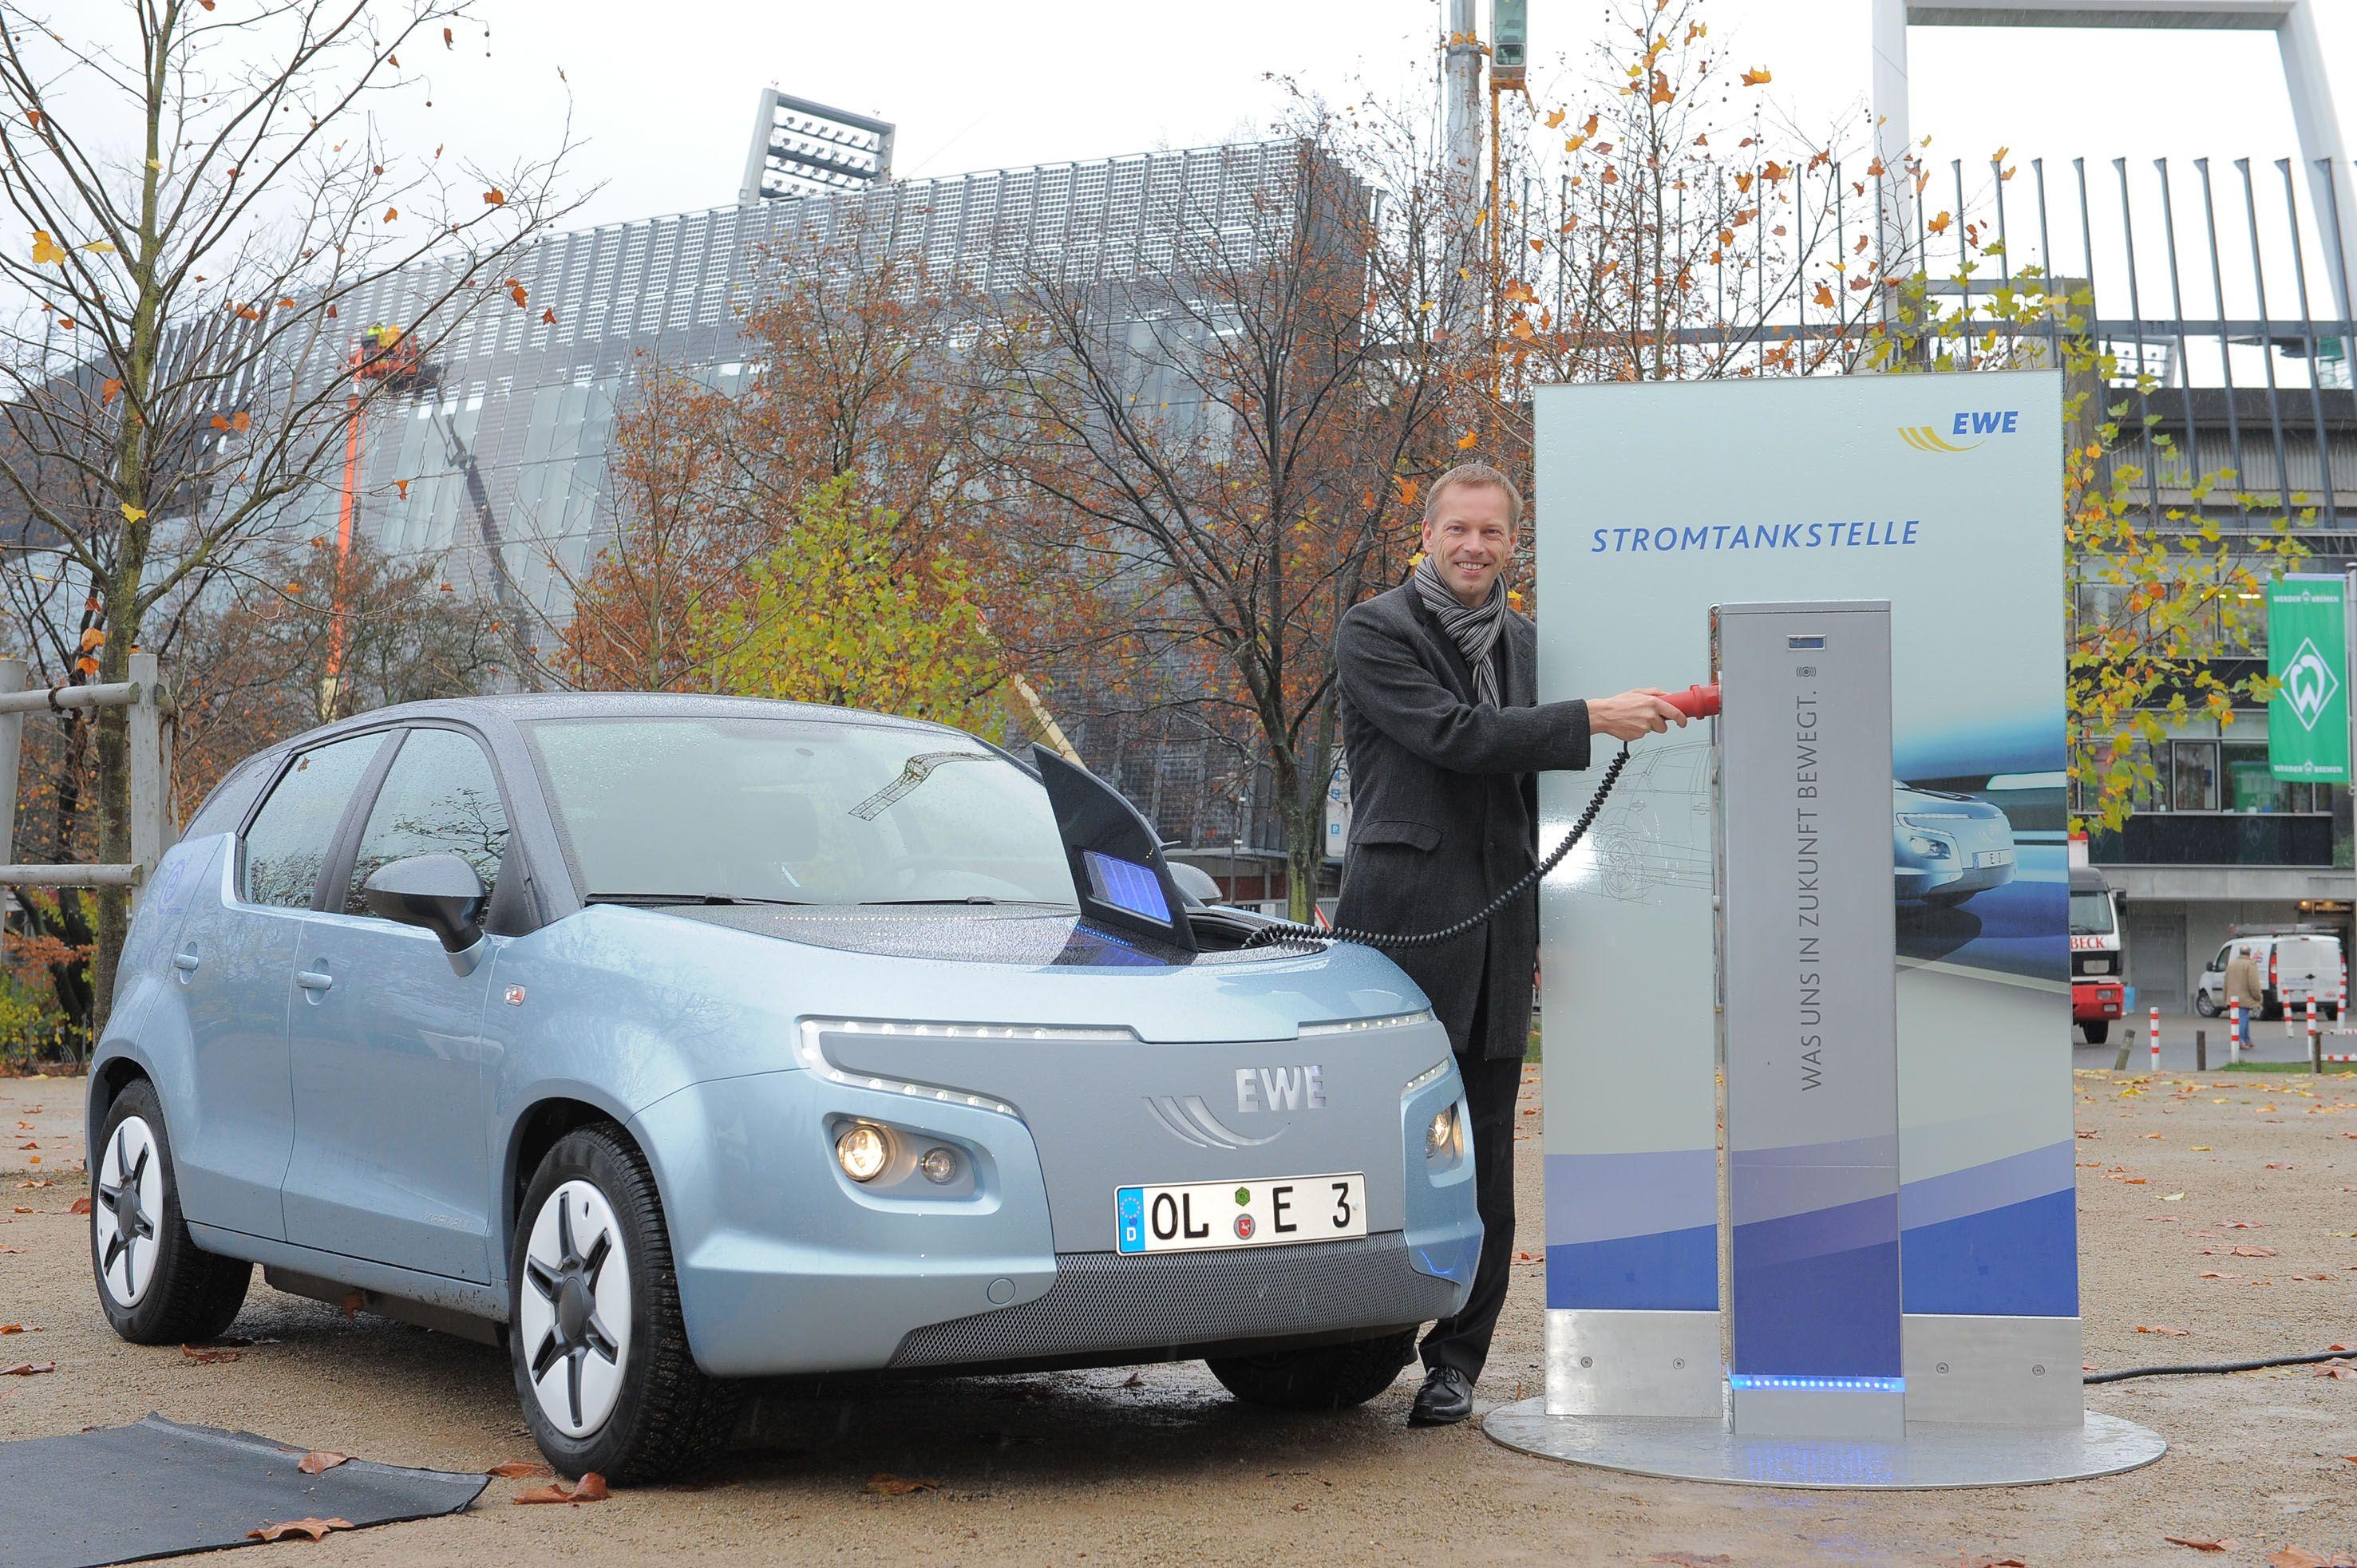 Dr. Jörg Hermsmeier, Leiter Forschung und Entwicklung beim Energieversorger EWE, beim Stromtanken: Fahrer von Elektroautos fahren täglich im Schnitt 43 Kilometer, ergab eine repräsentative Umfrage.